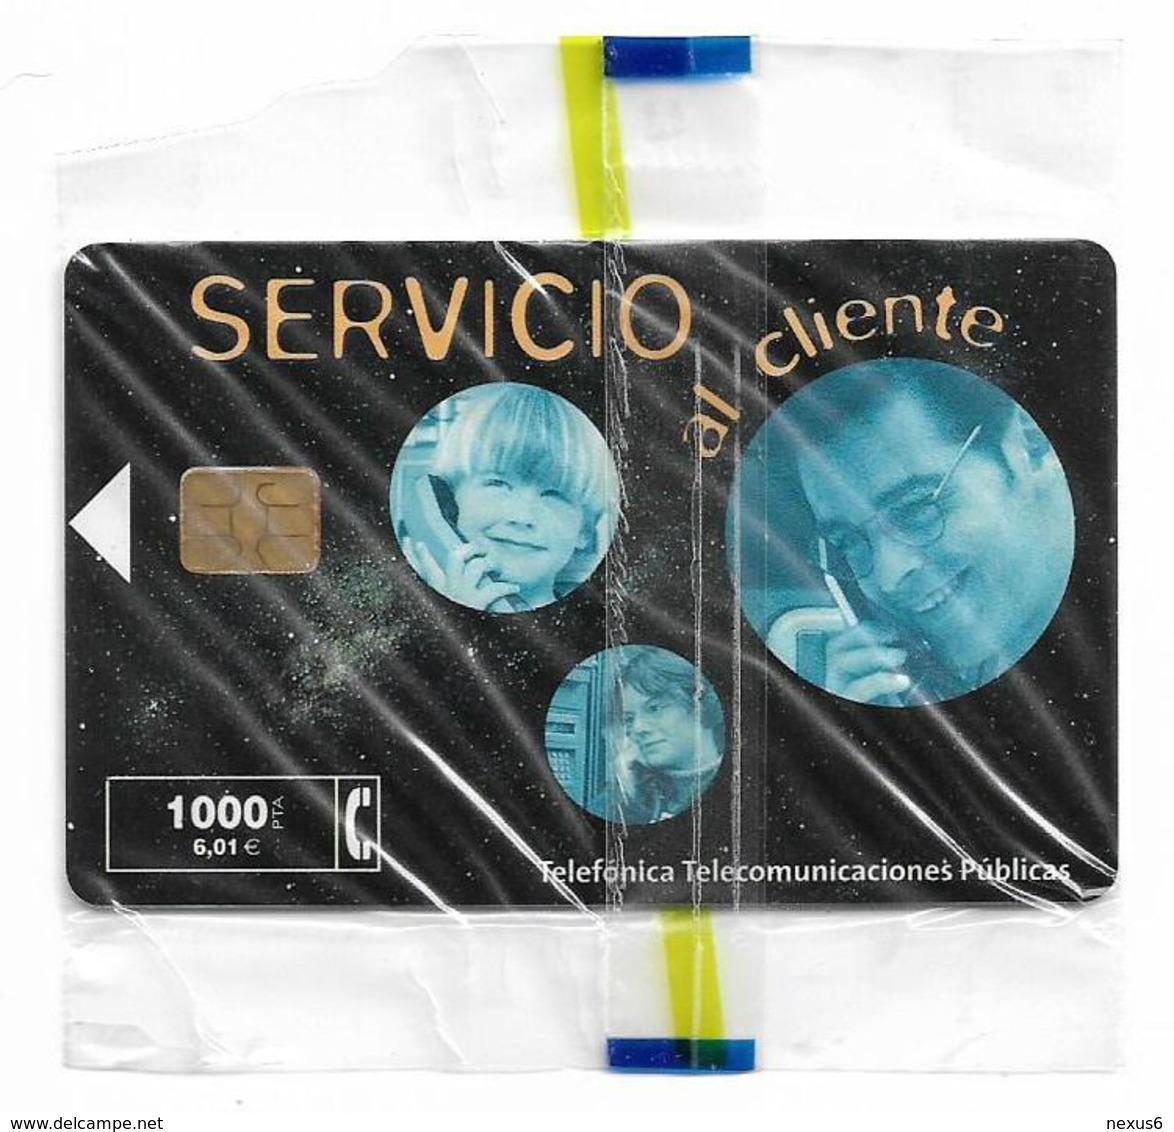 Spain - Telefonica - Servicio Al Cliente VIIIa - P-451A - 02.2001, 26.500ex, NSB - Emisiones Privadas